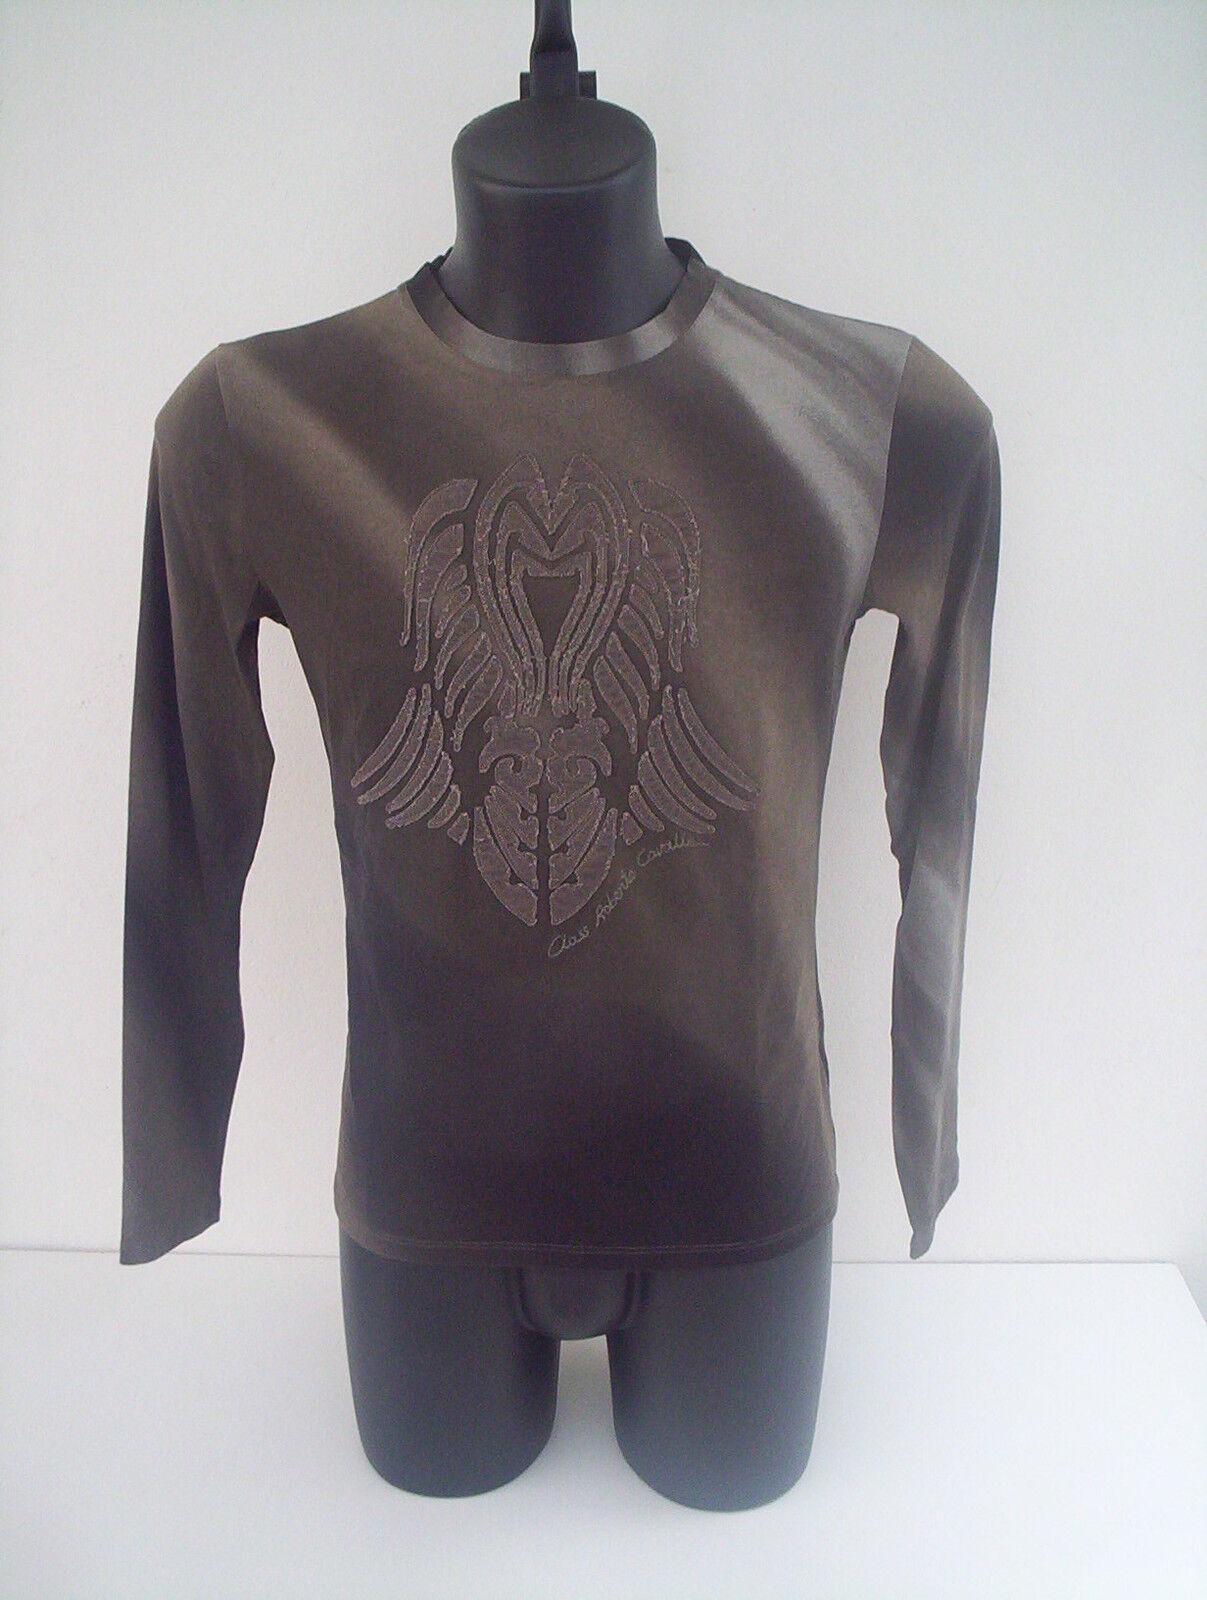 T-shirt Roberto Cavalli,colore verde sfumato velluto,tg ricamo in velluto,tg sfumato 46 775bb2